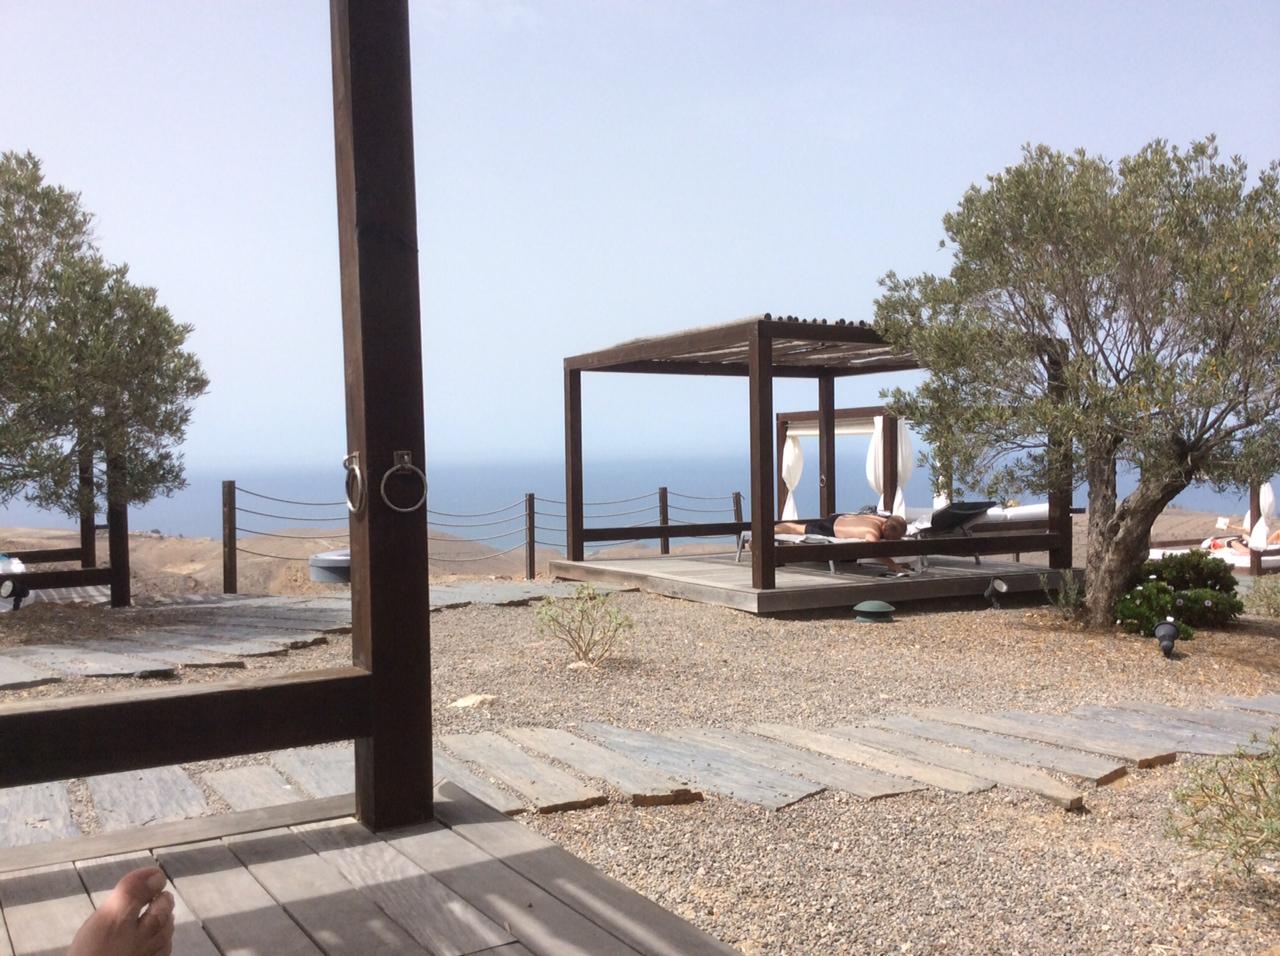 Letti balinesi, olivi e oceano sullo sfondo